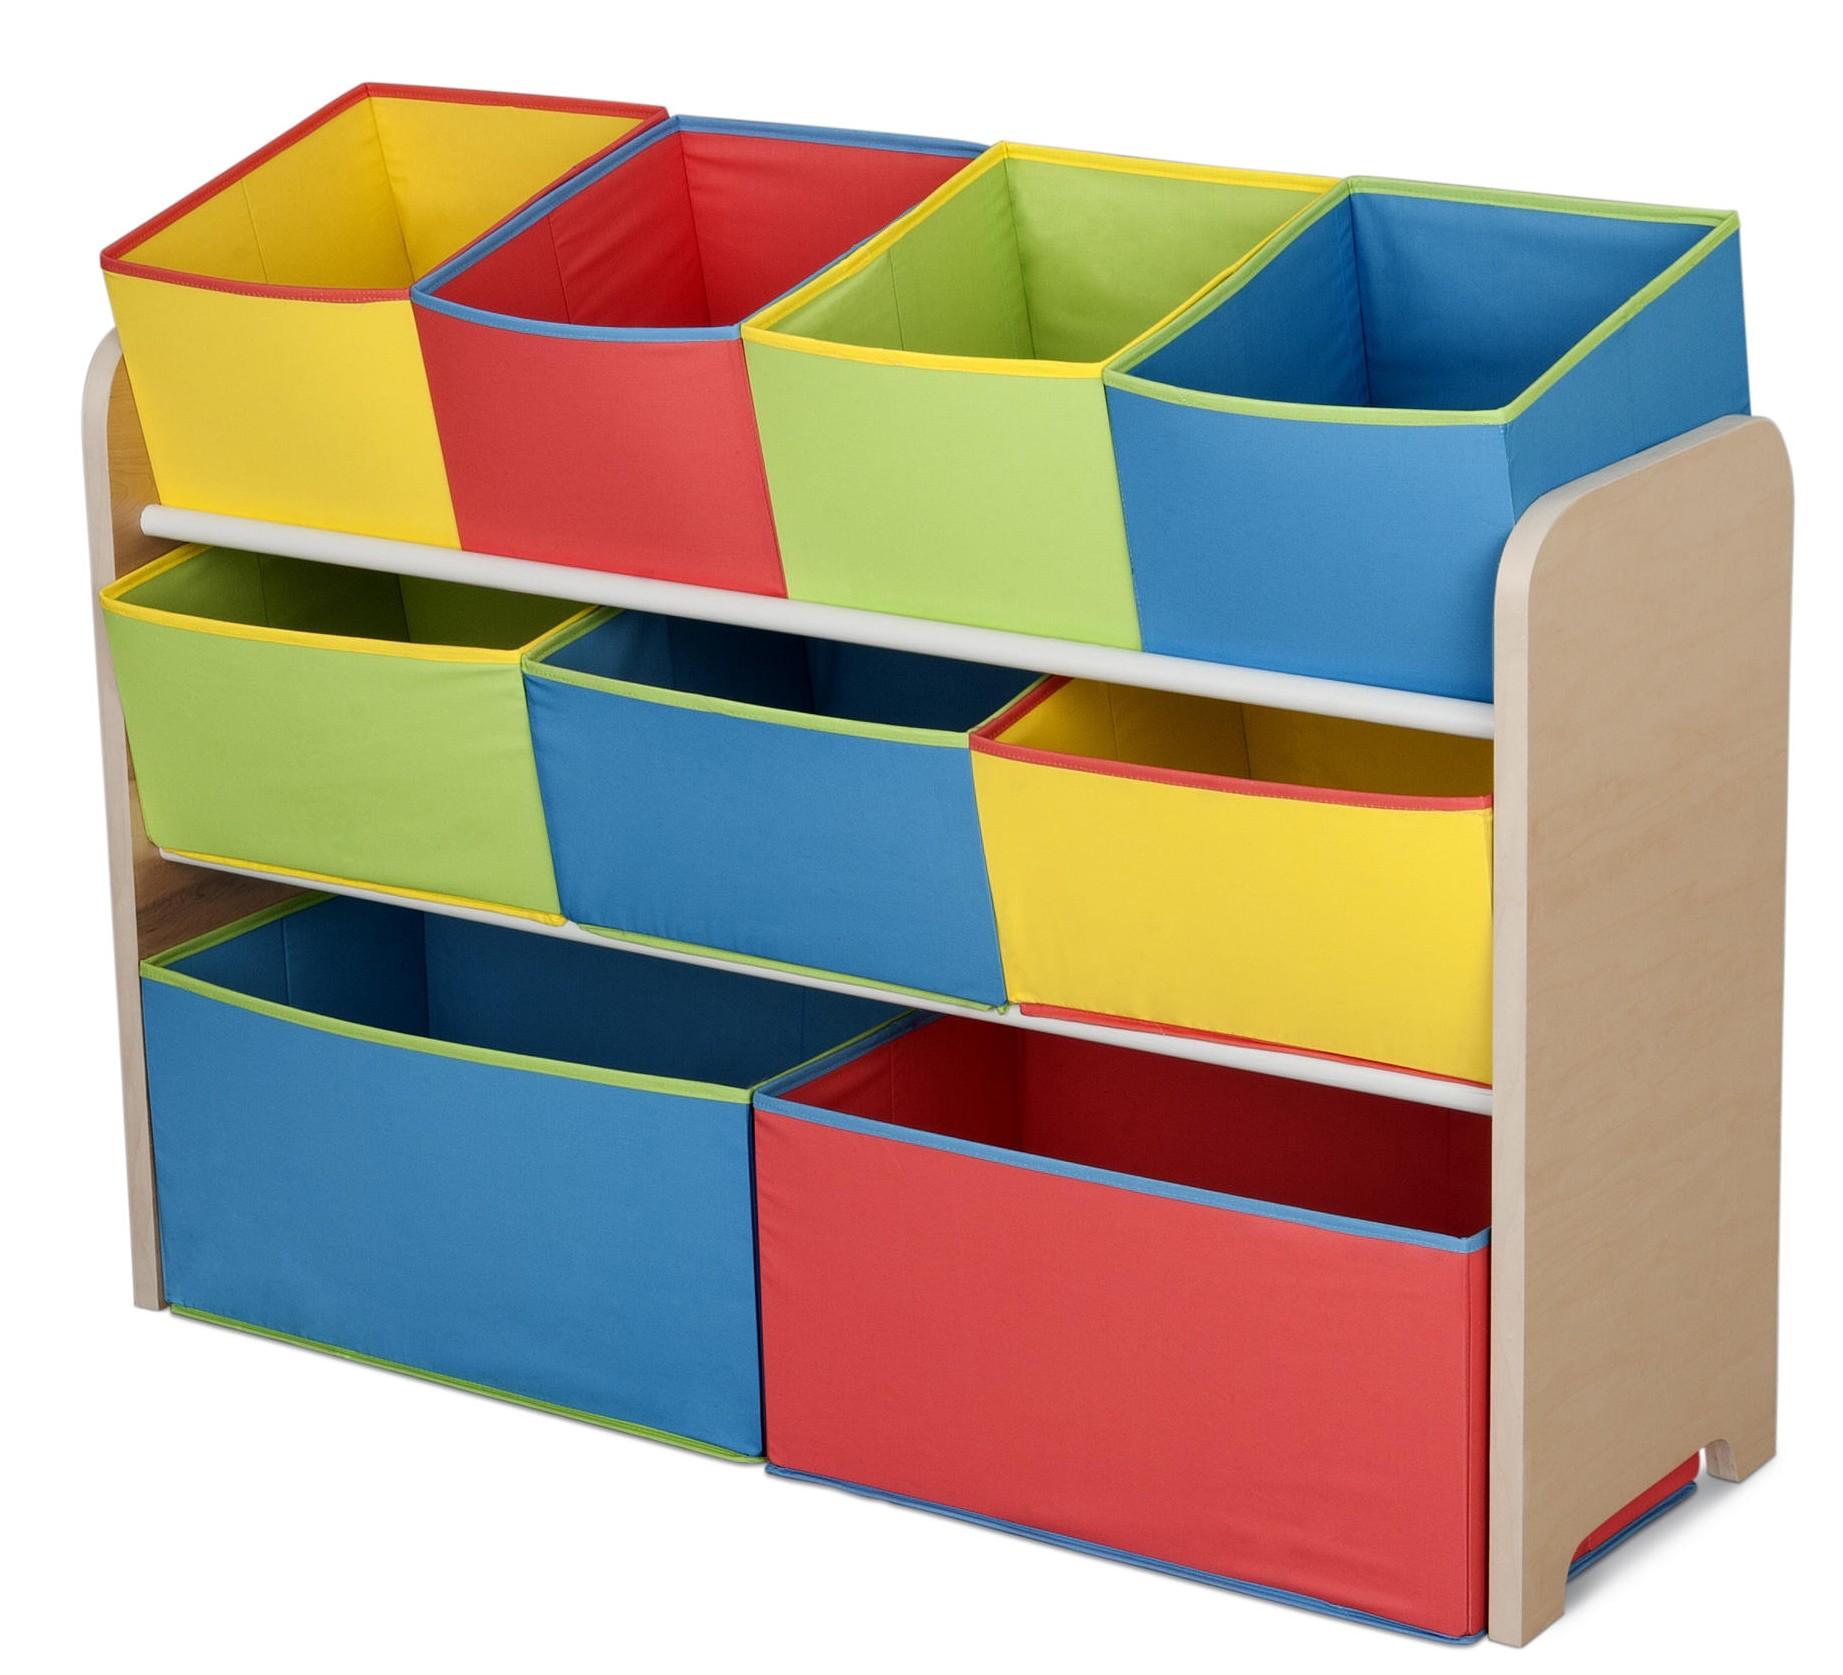 Organizator jucarii cu cadru din lemn Deluxe Multicolor imagine